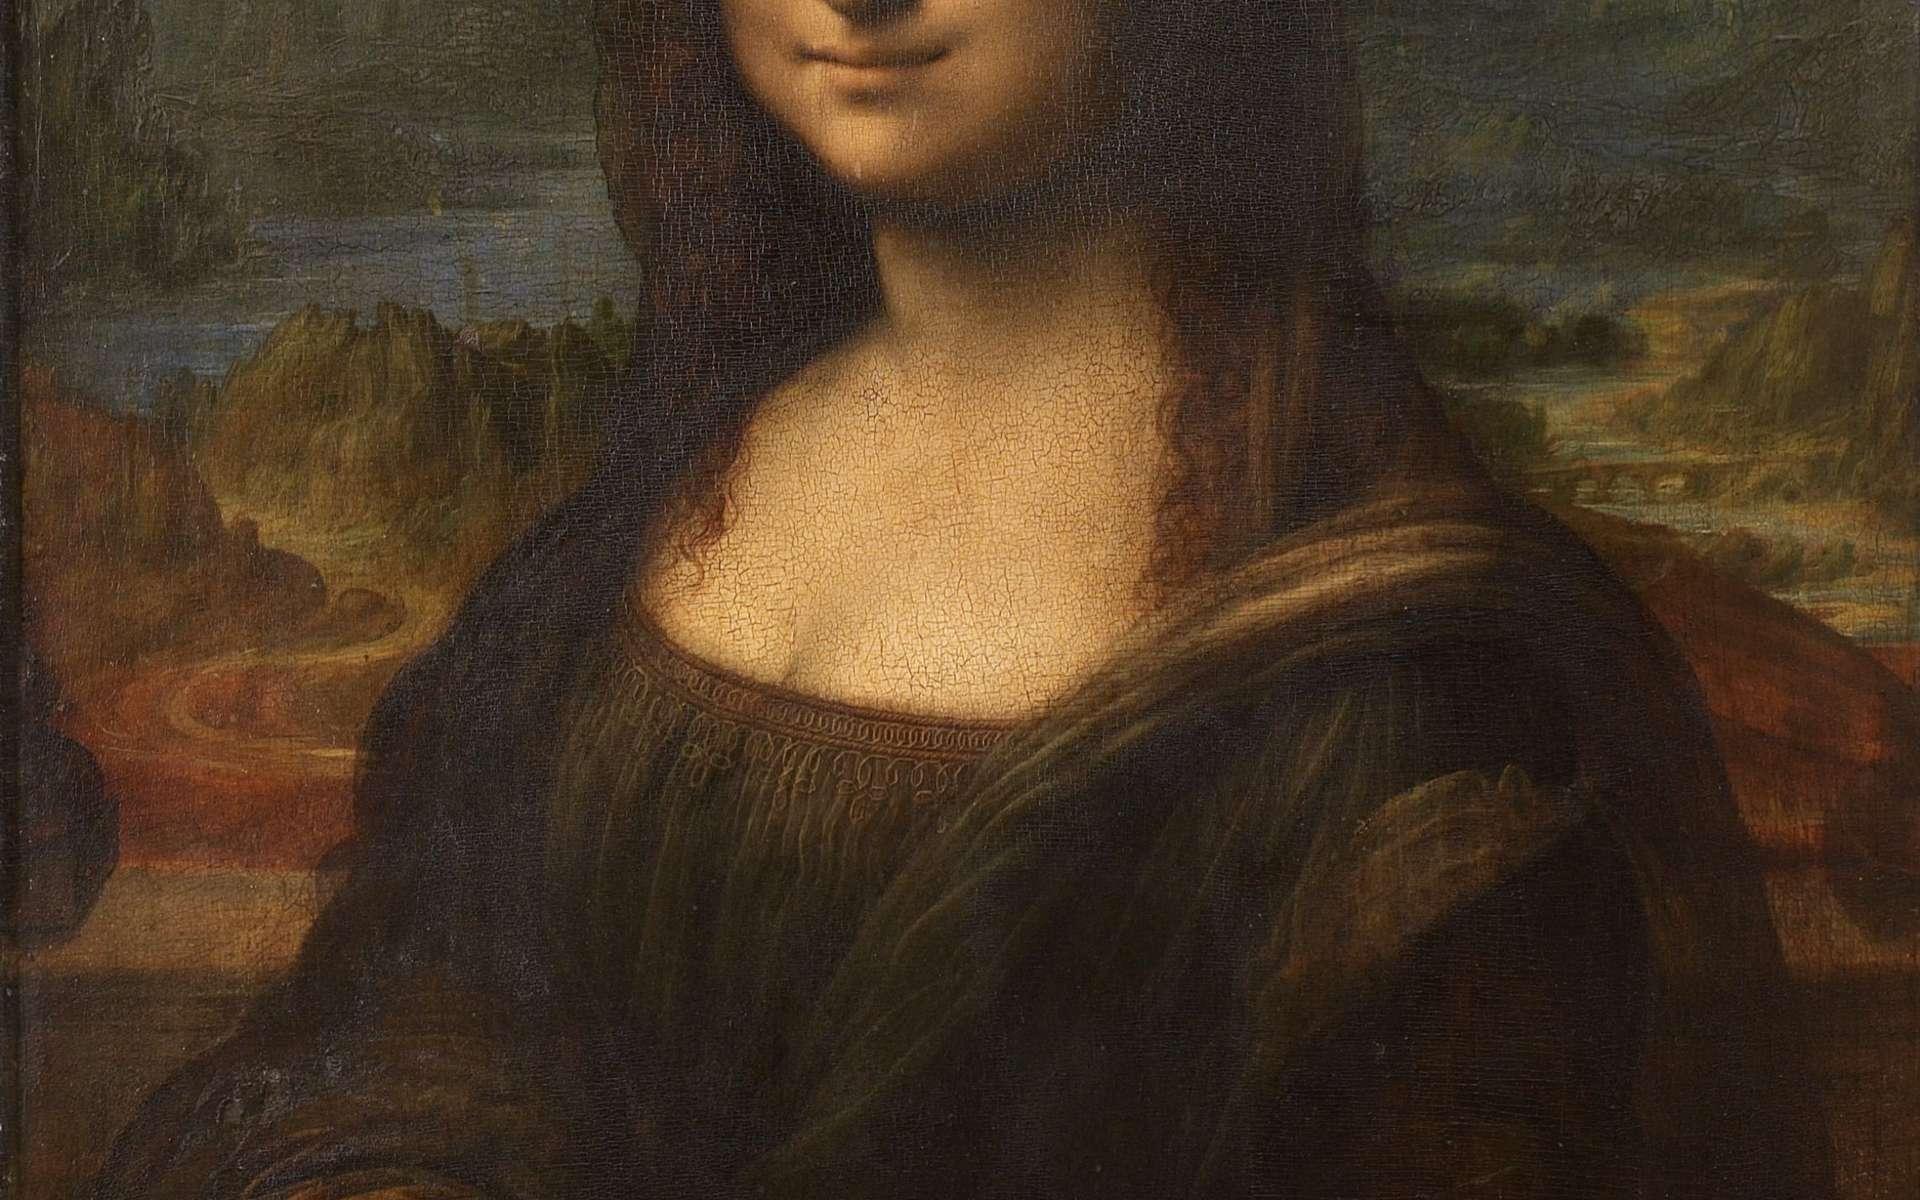 Sur son portrait de Mona Lisa, Léonard a apposé plusieurs couches sur la toile, notamment un glacis, pour adoucir certains contours (le sfumato), et un vernis de protection. © Licence Creative Commons